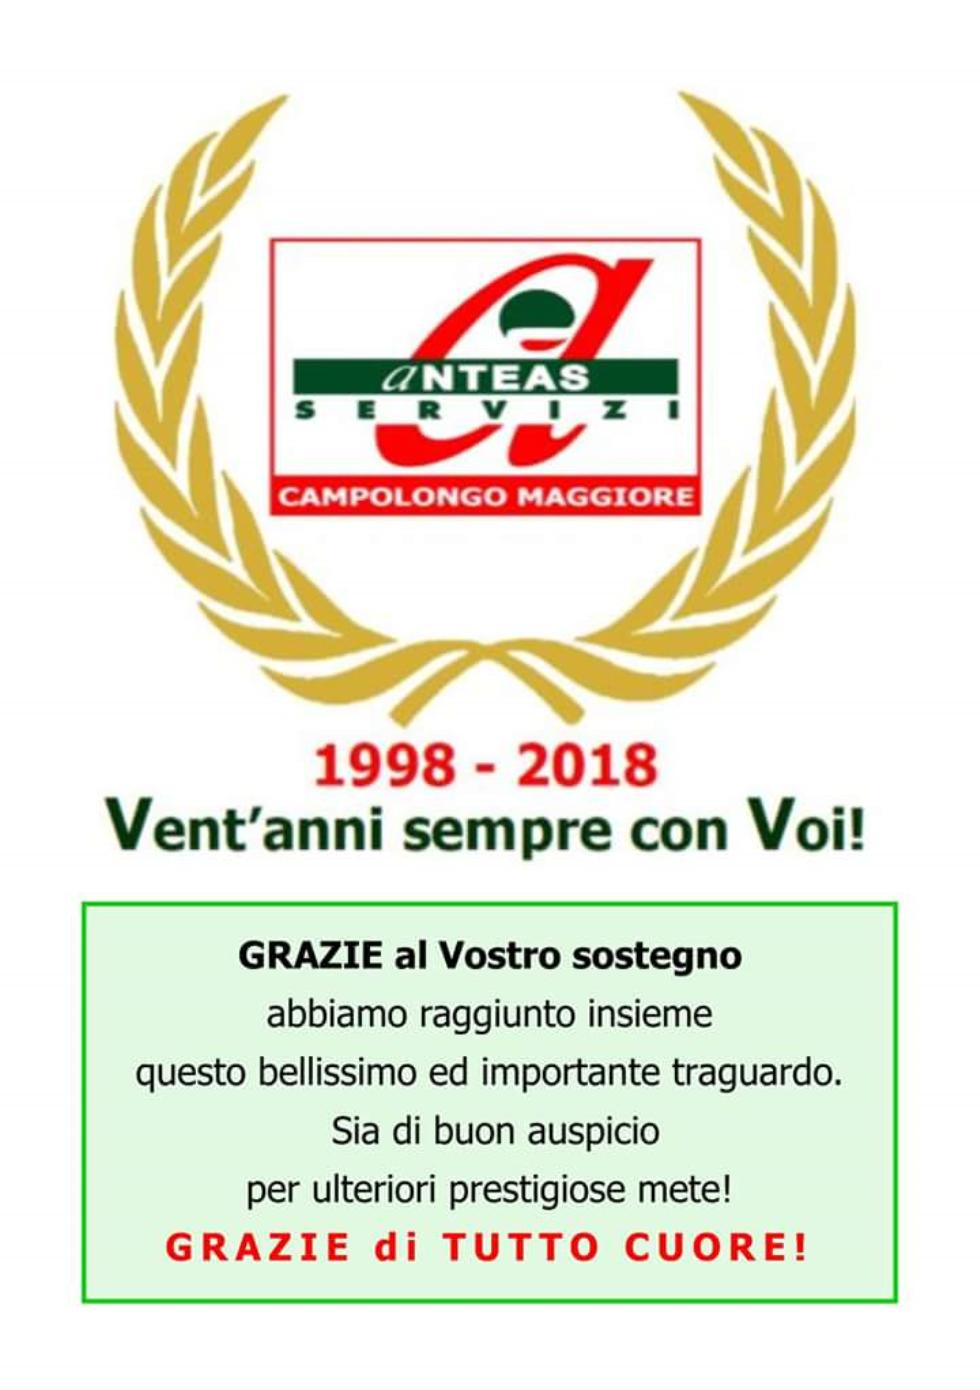 Ventennale di Anteas Campolongo Maggiore (1998-2018)